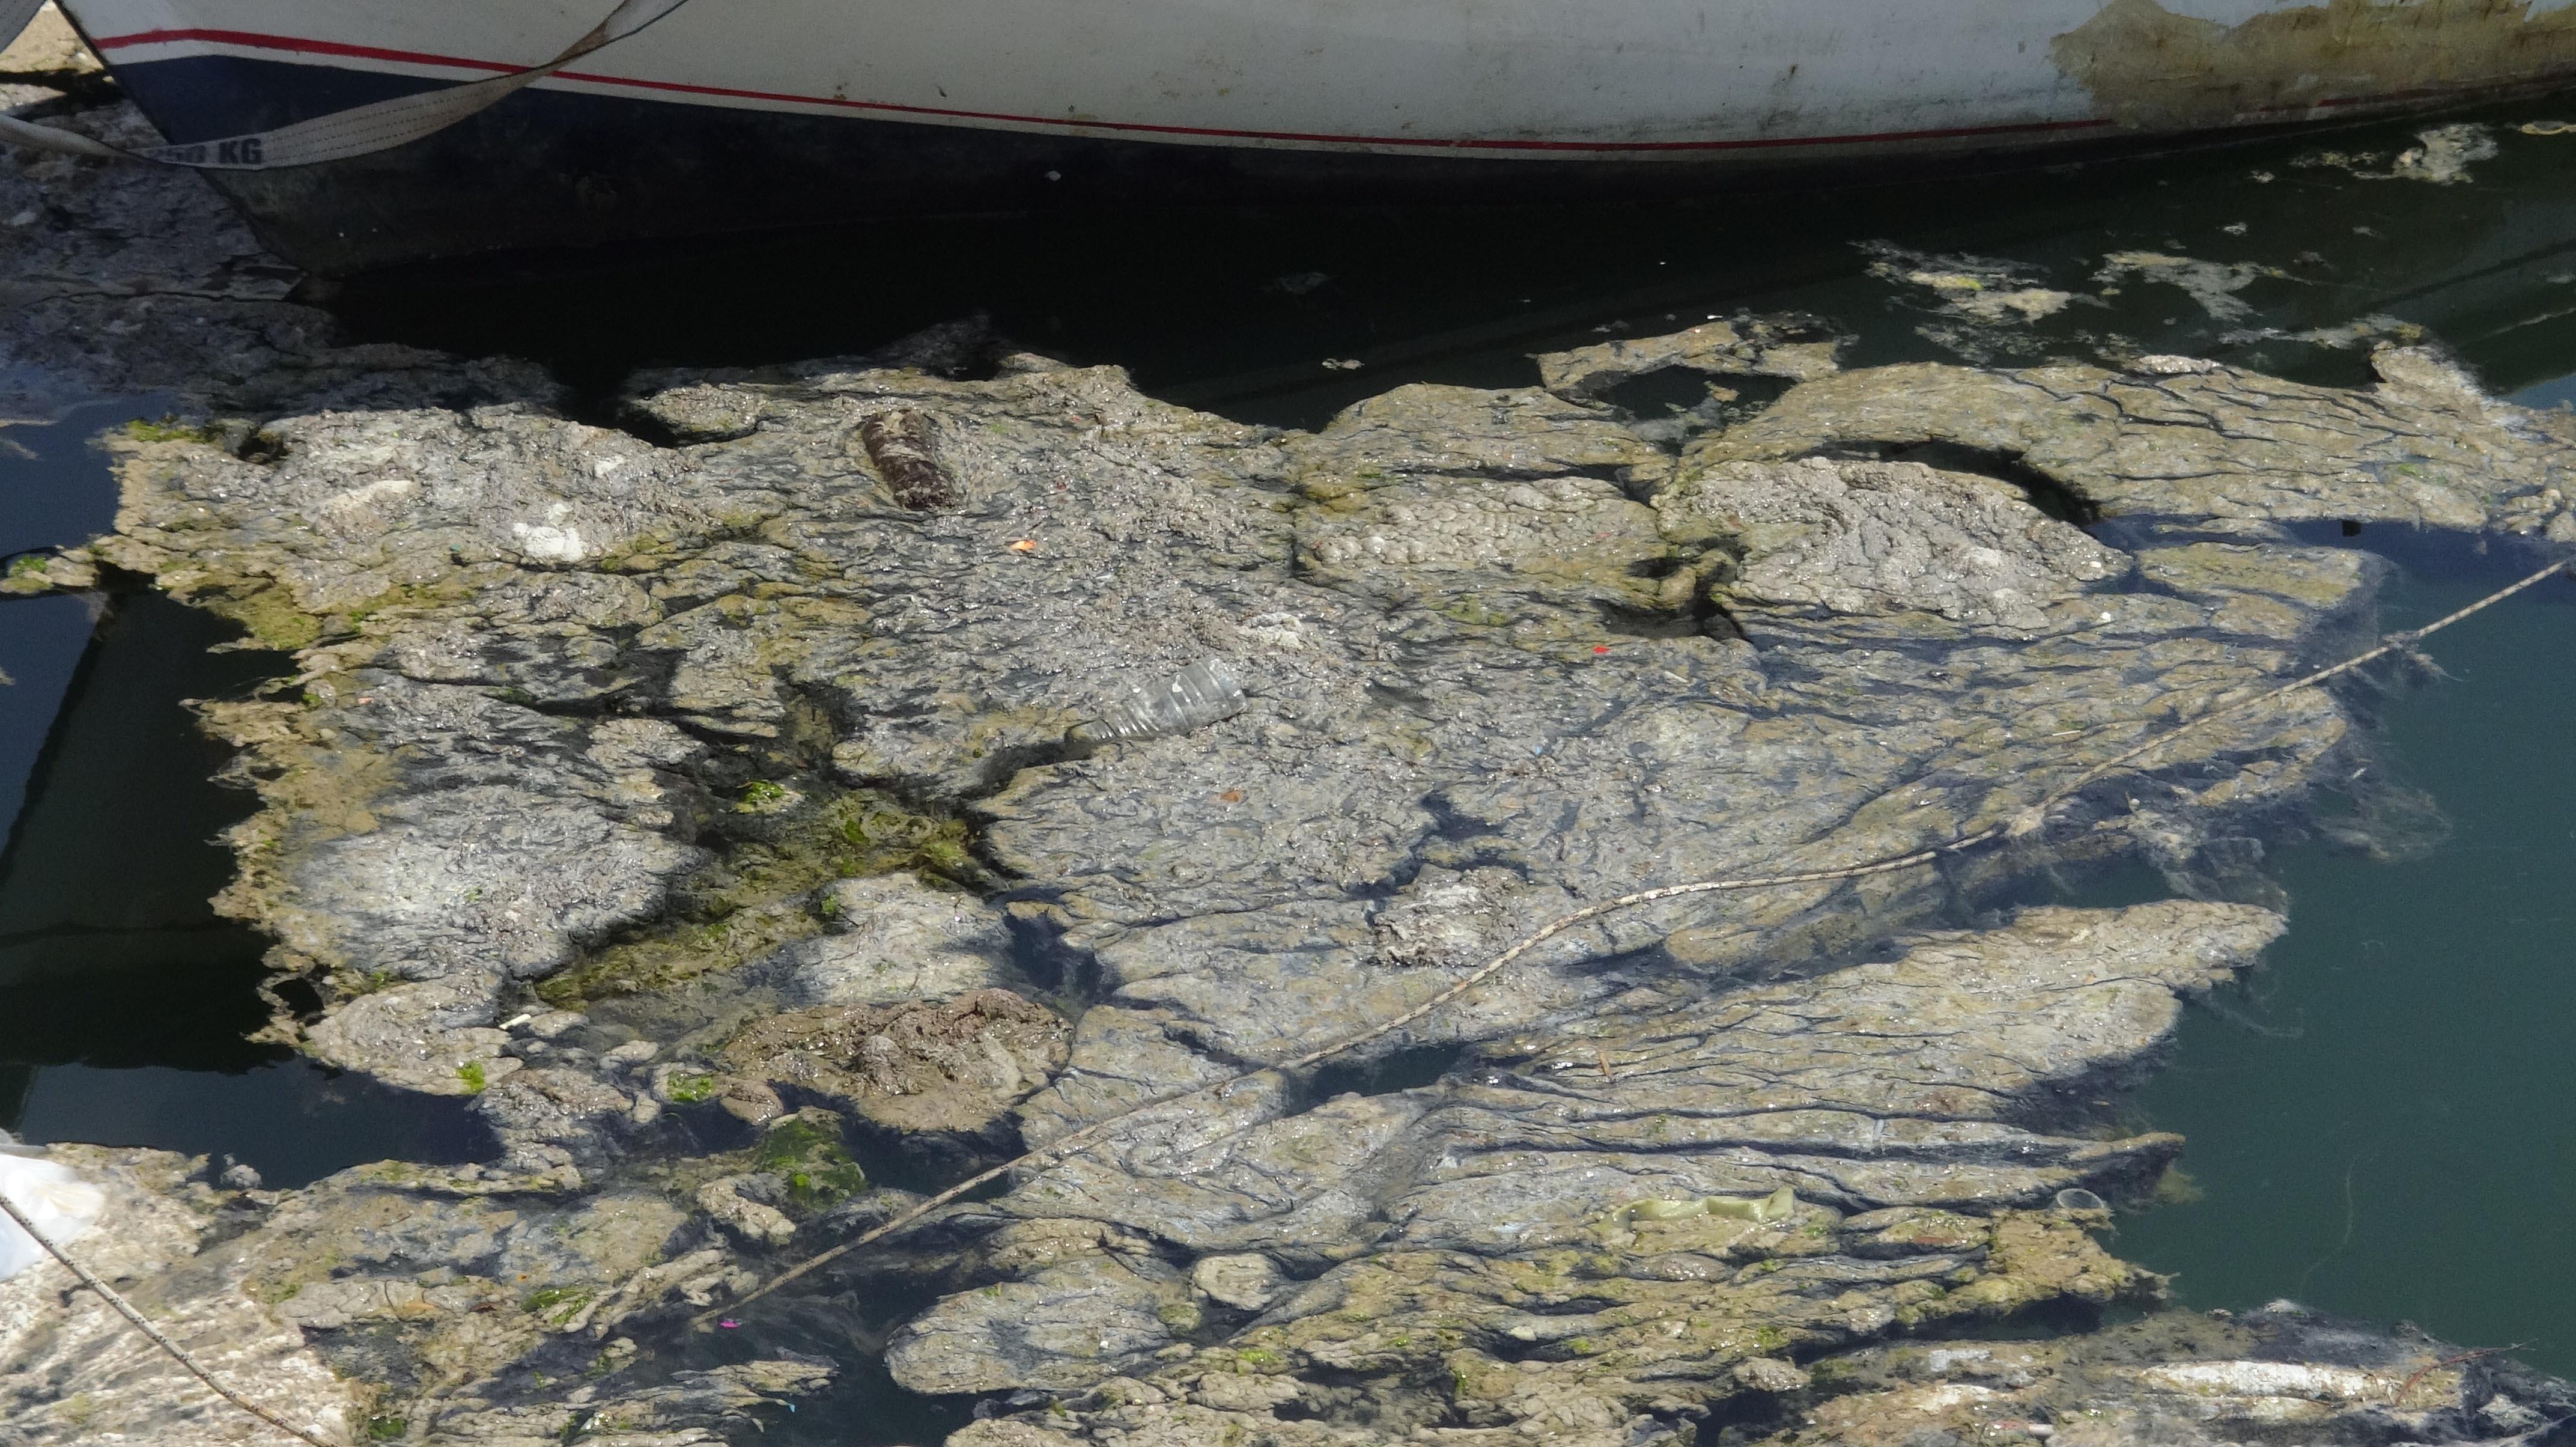 daricada-denize-girmek-yasaklandi-8335-dhaphoto11-002.jpg